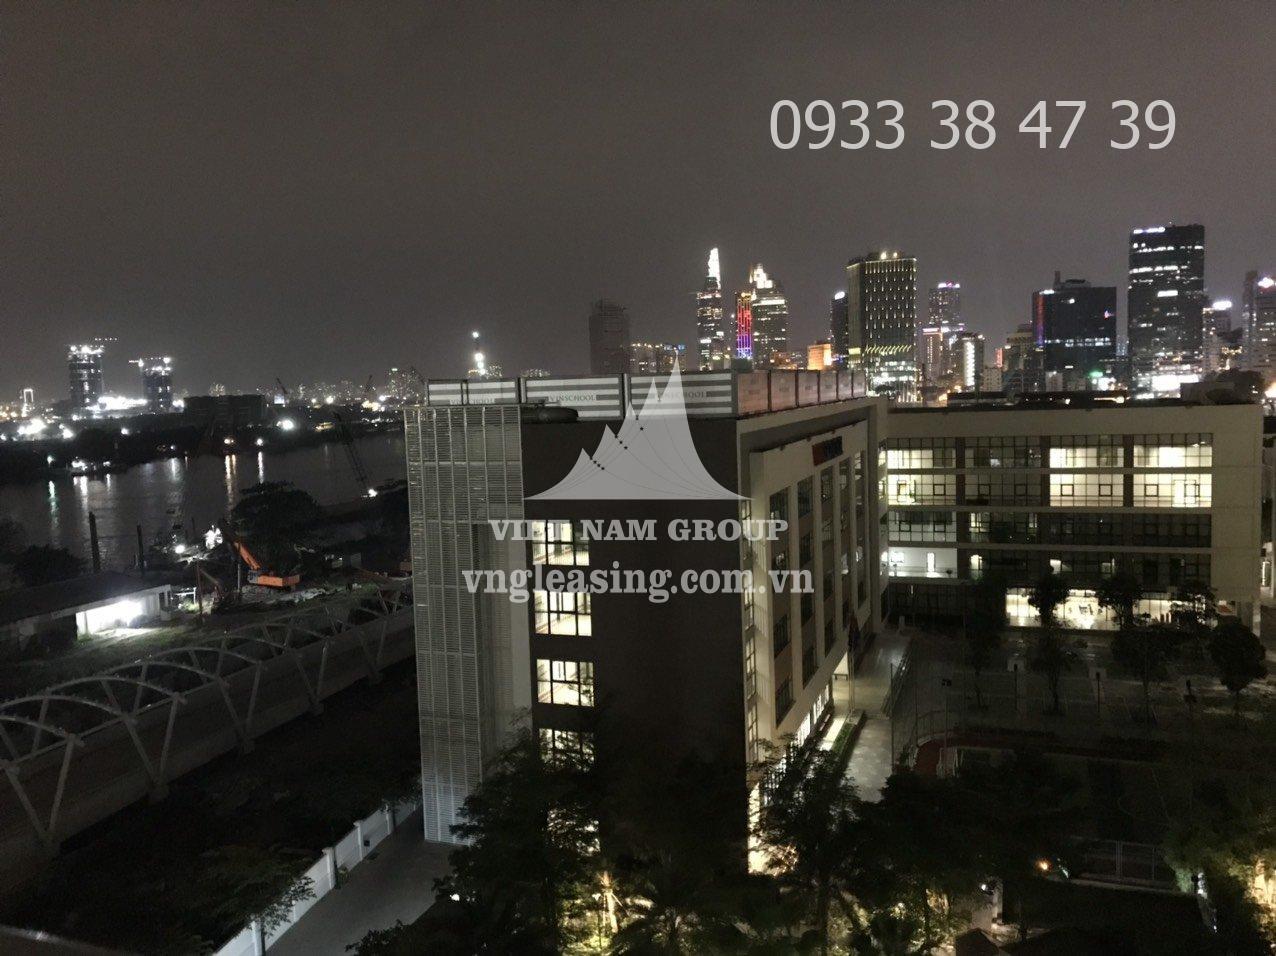 Cho thuê căn hộ Vinhomes Golden Bason view sông 1 phòng ngủ tòa Aqua 4